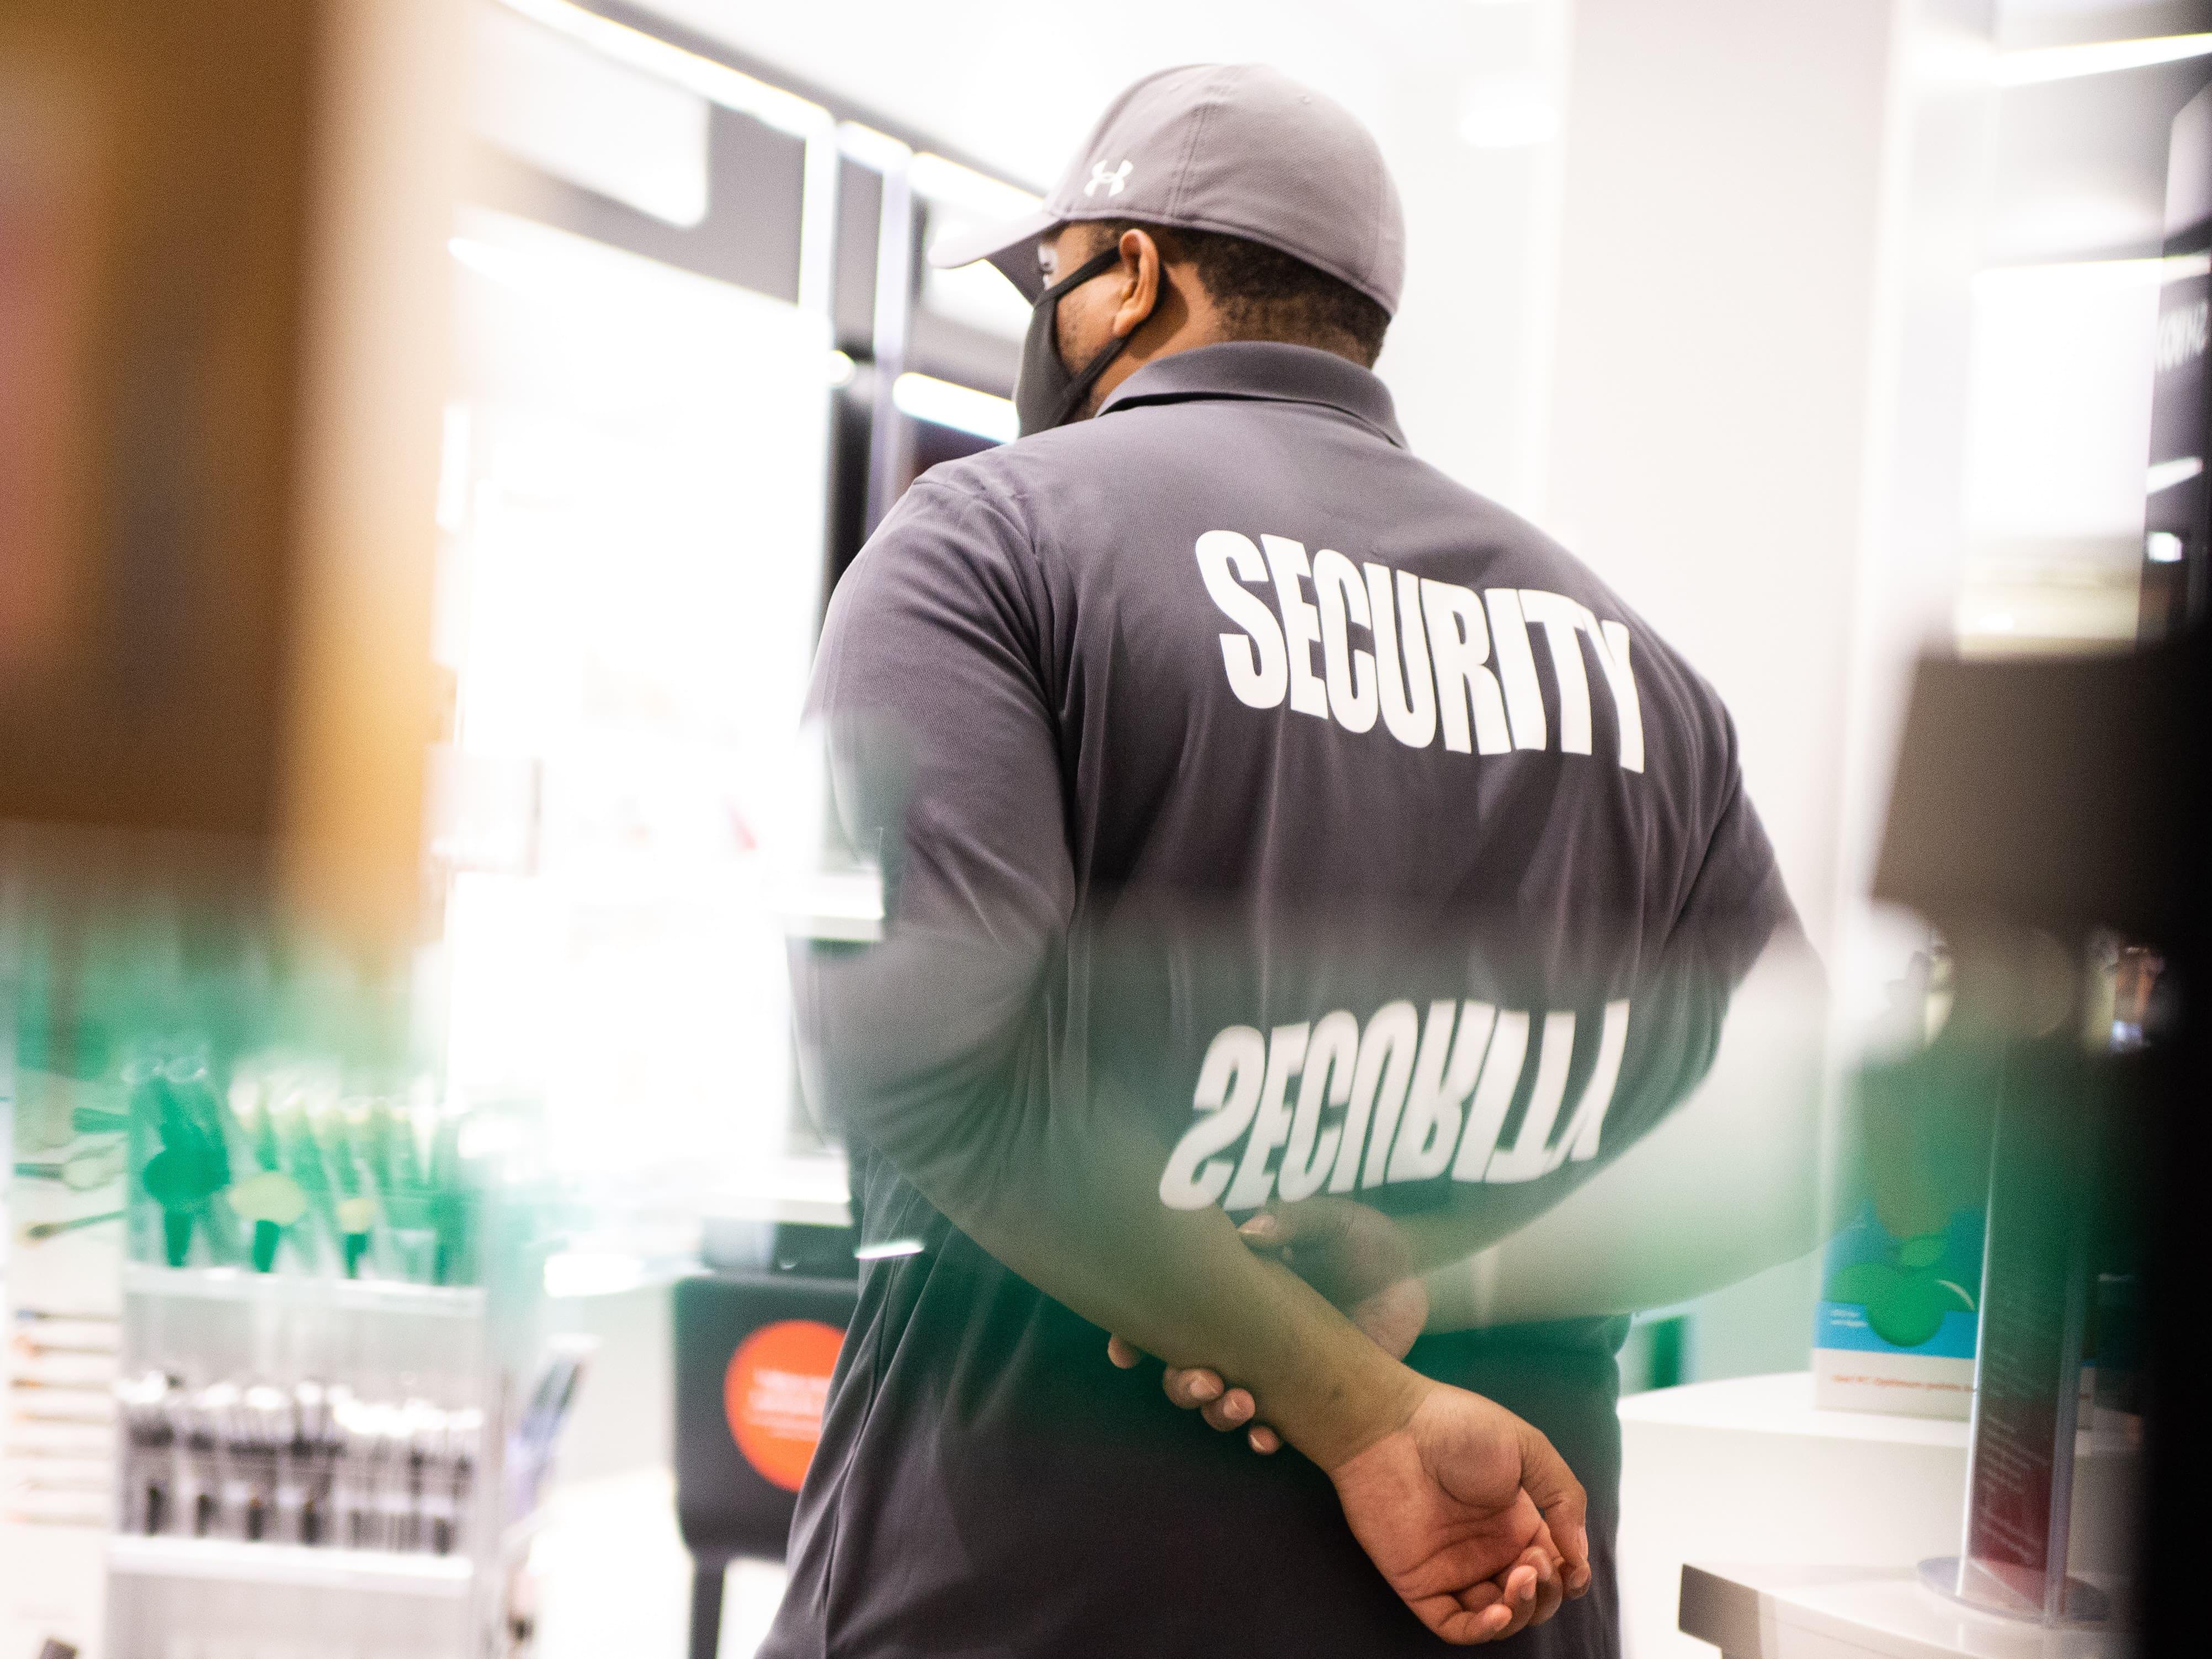 Alleinarbeit Sicherheitsdienst